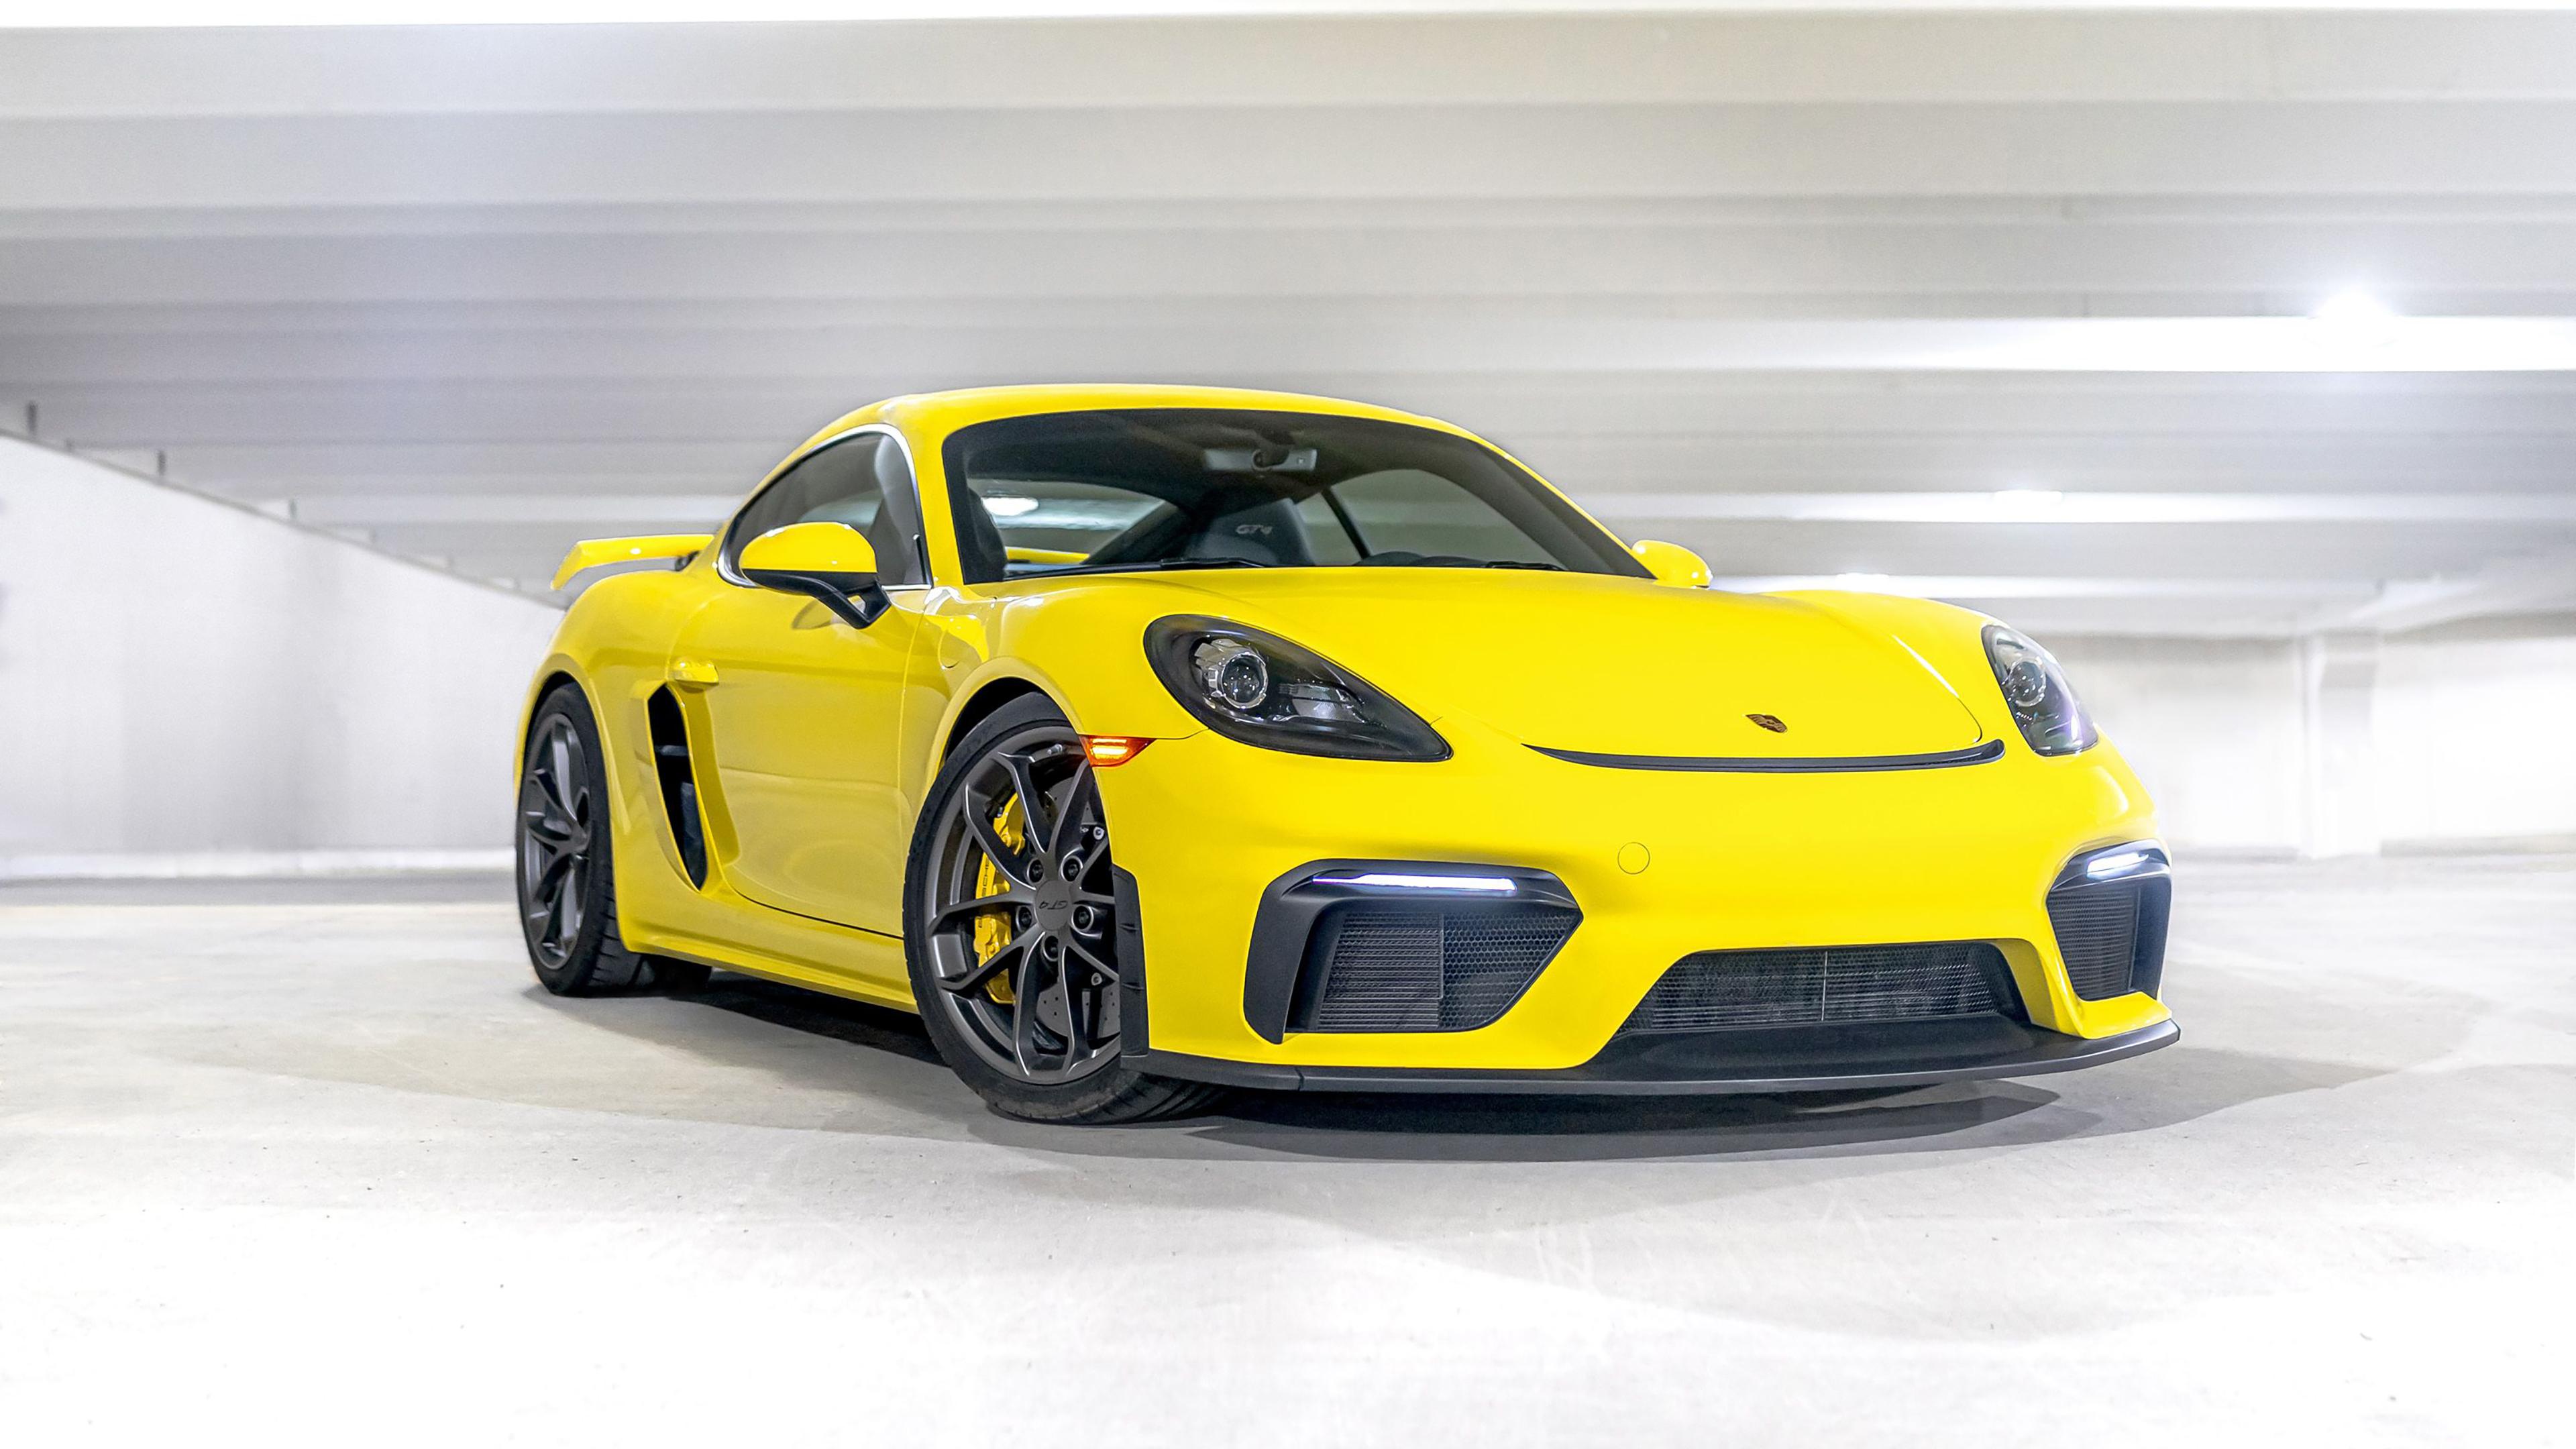 2020 Porsche 718 Cayman Gt4 4k 3 Wallpaper Hd Car Wallpapers Id 14922